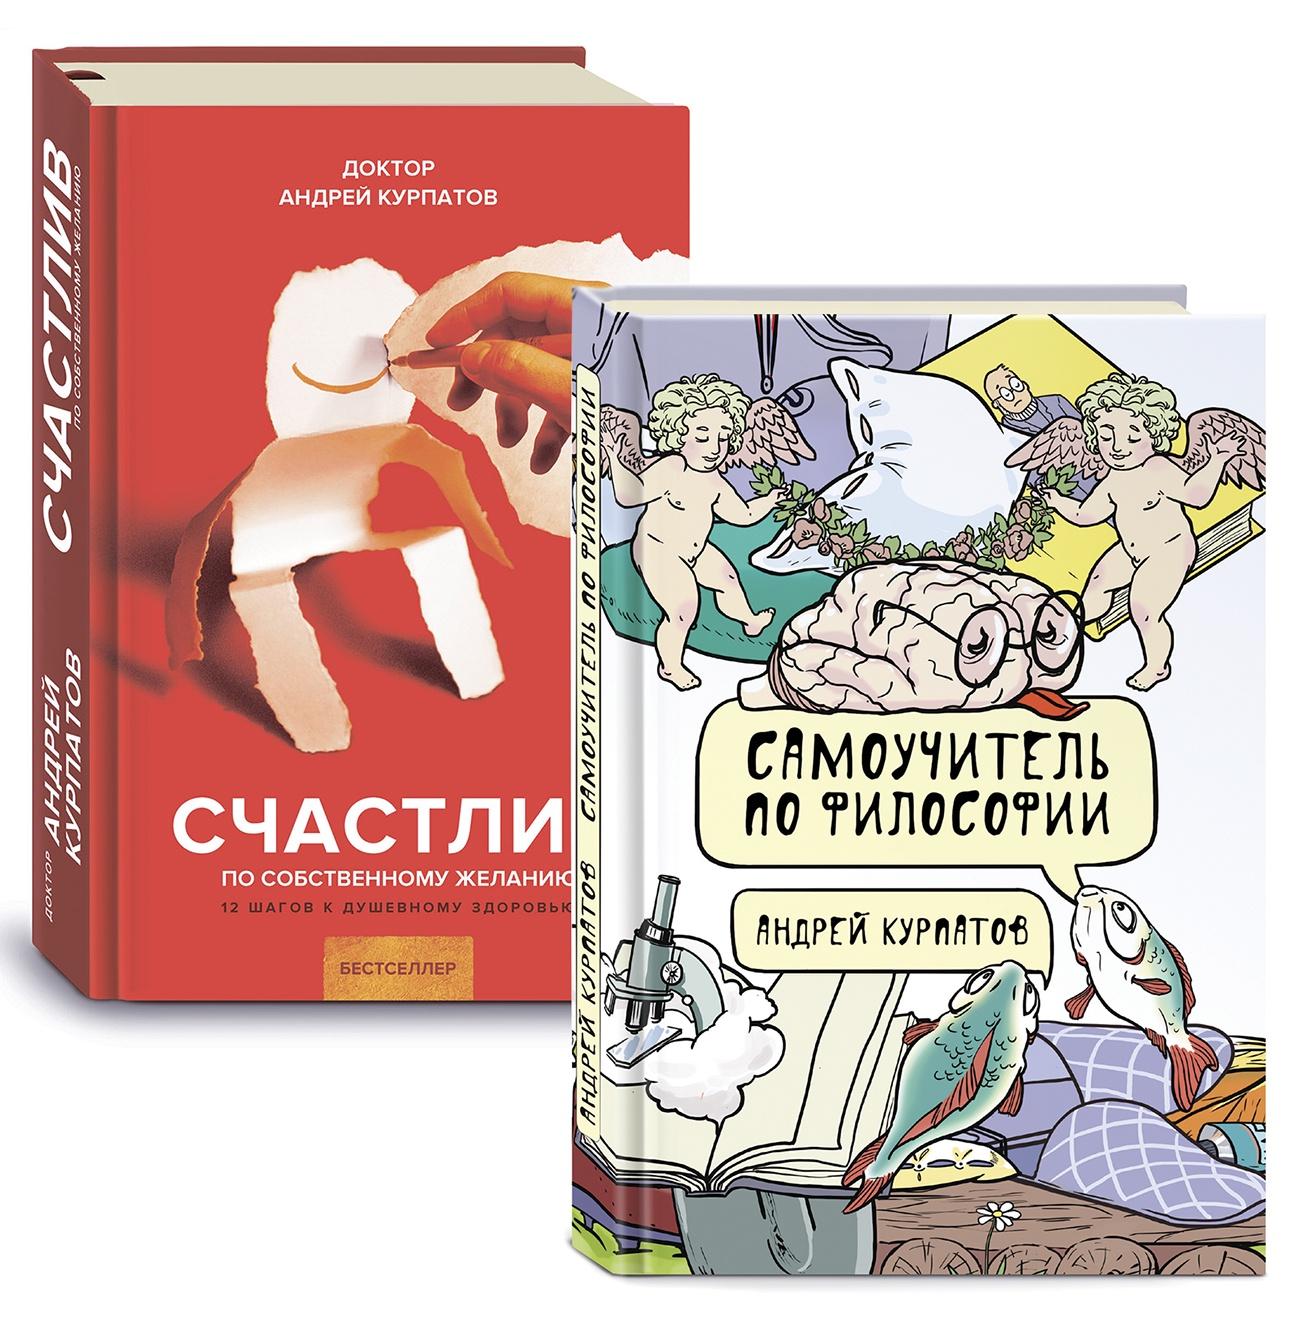 Андрей Курпатов А. Курпатов - Самоучитель по философии; Счастлив по собственному желанию (комплект из 2 книг)